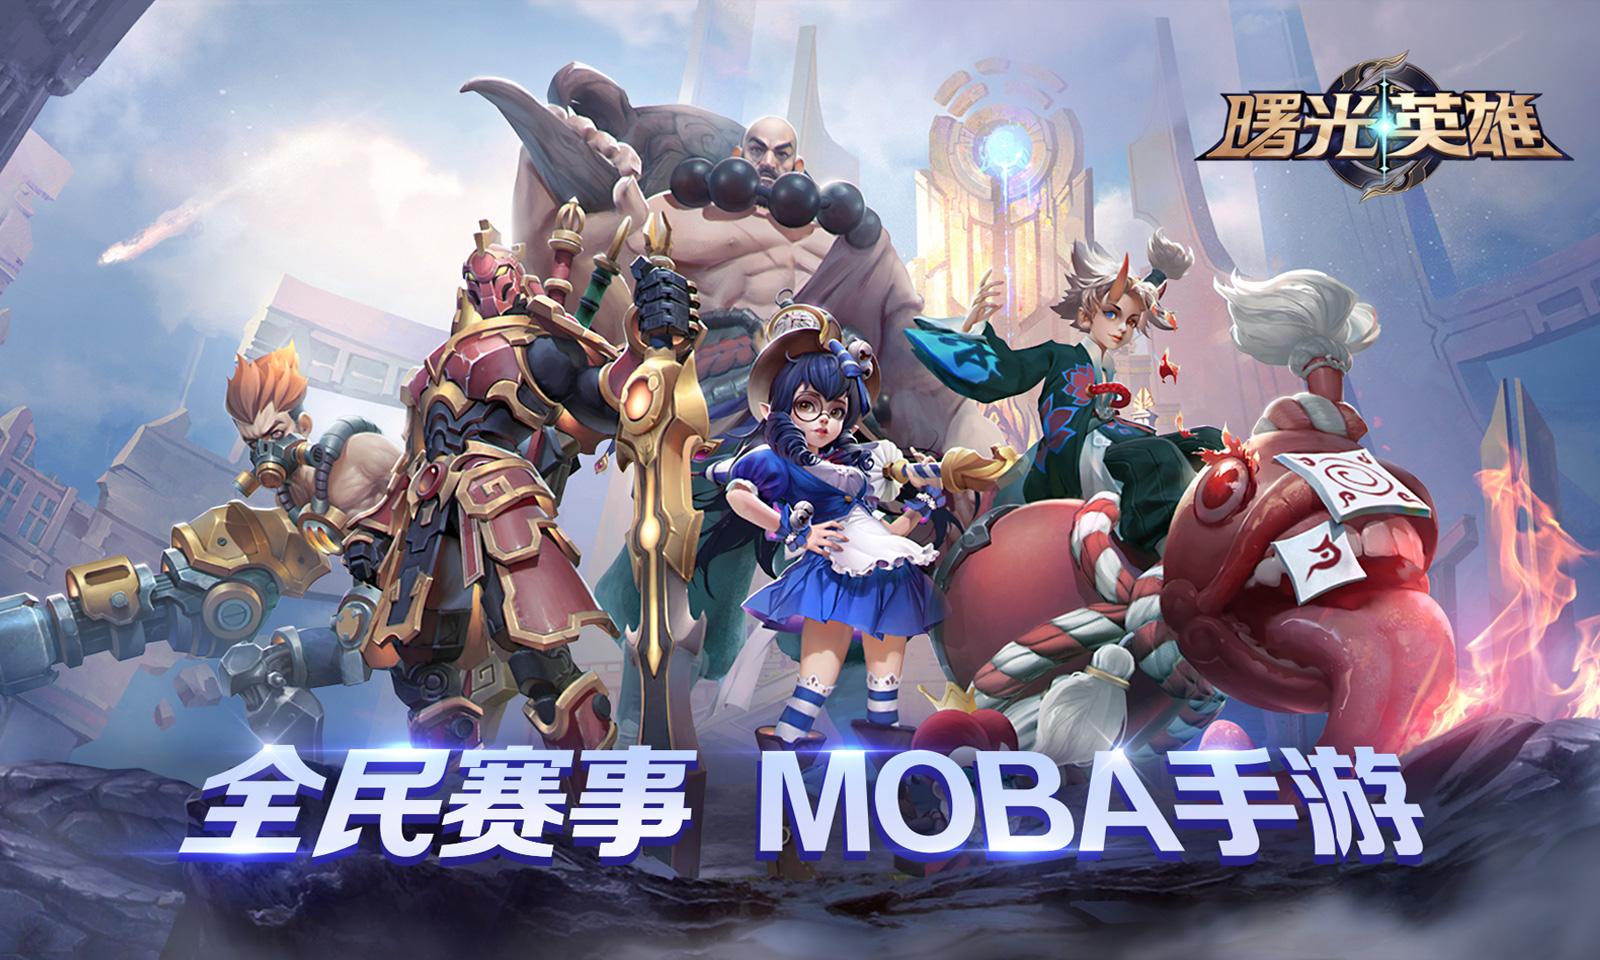 曙光英雄(Moba竞技)